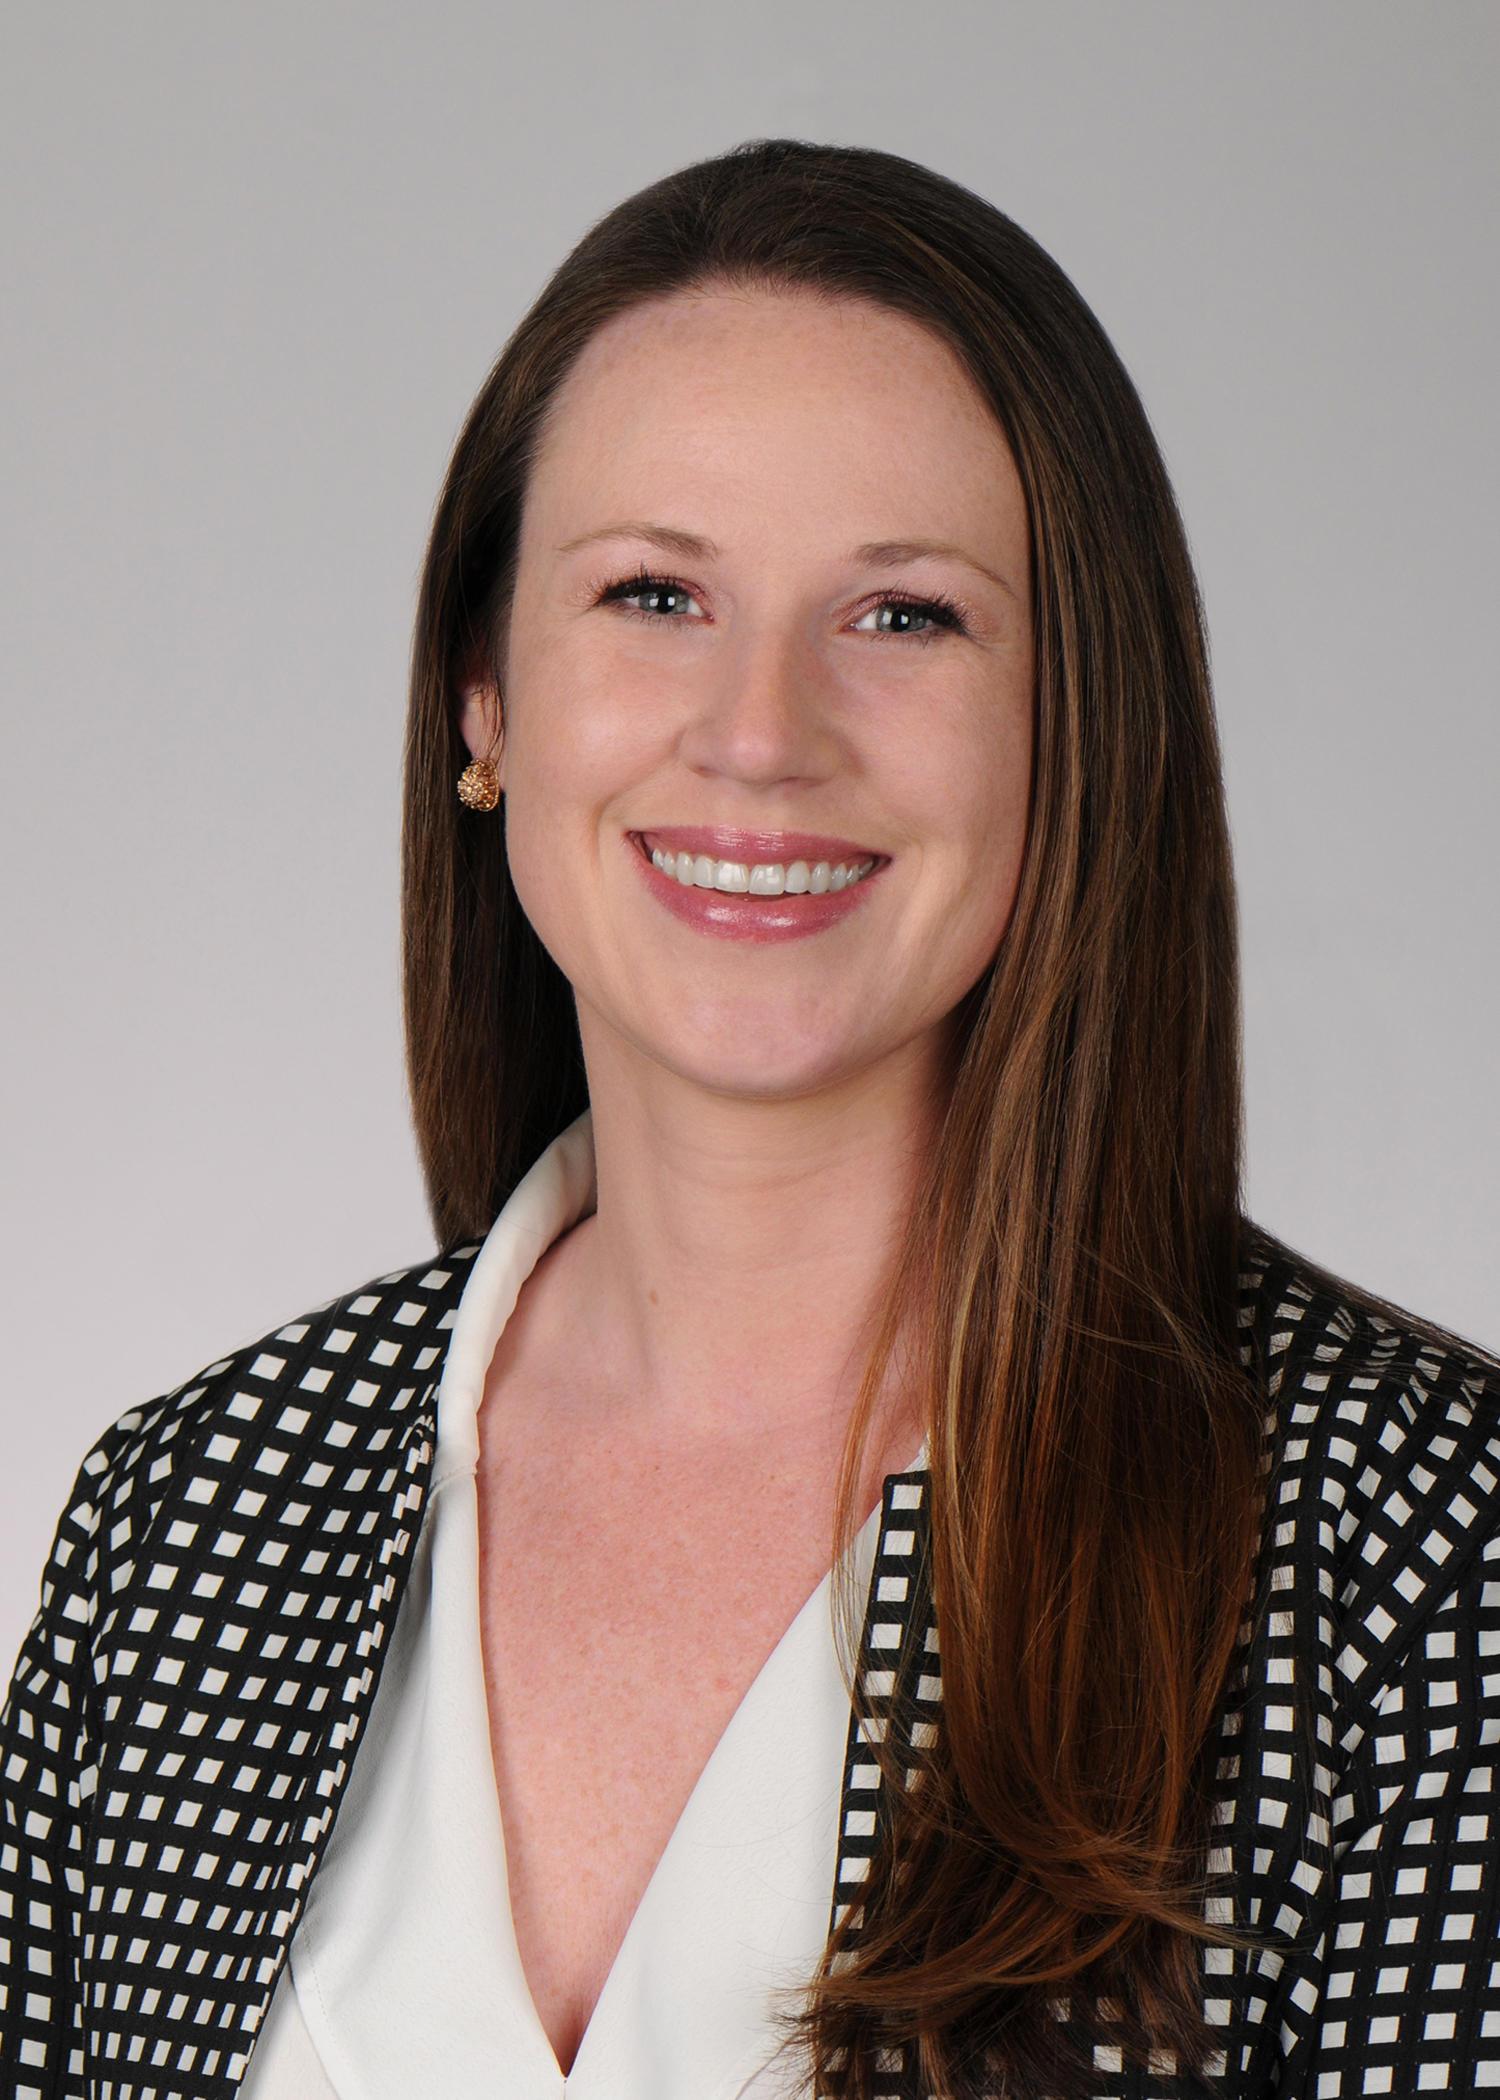 Amanda E Hare